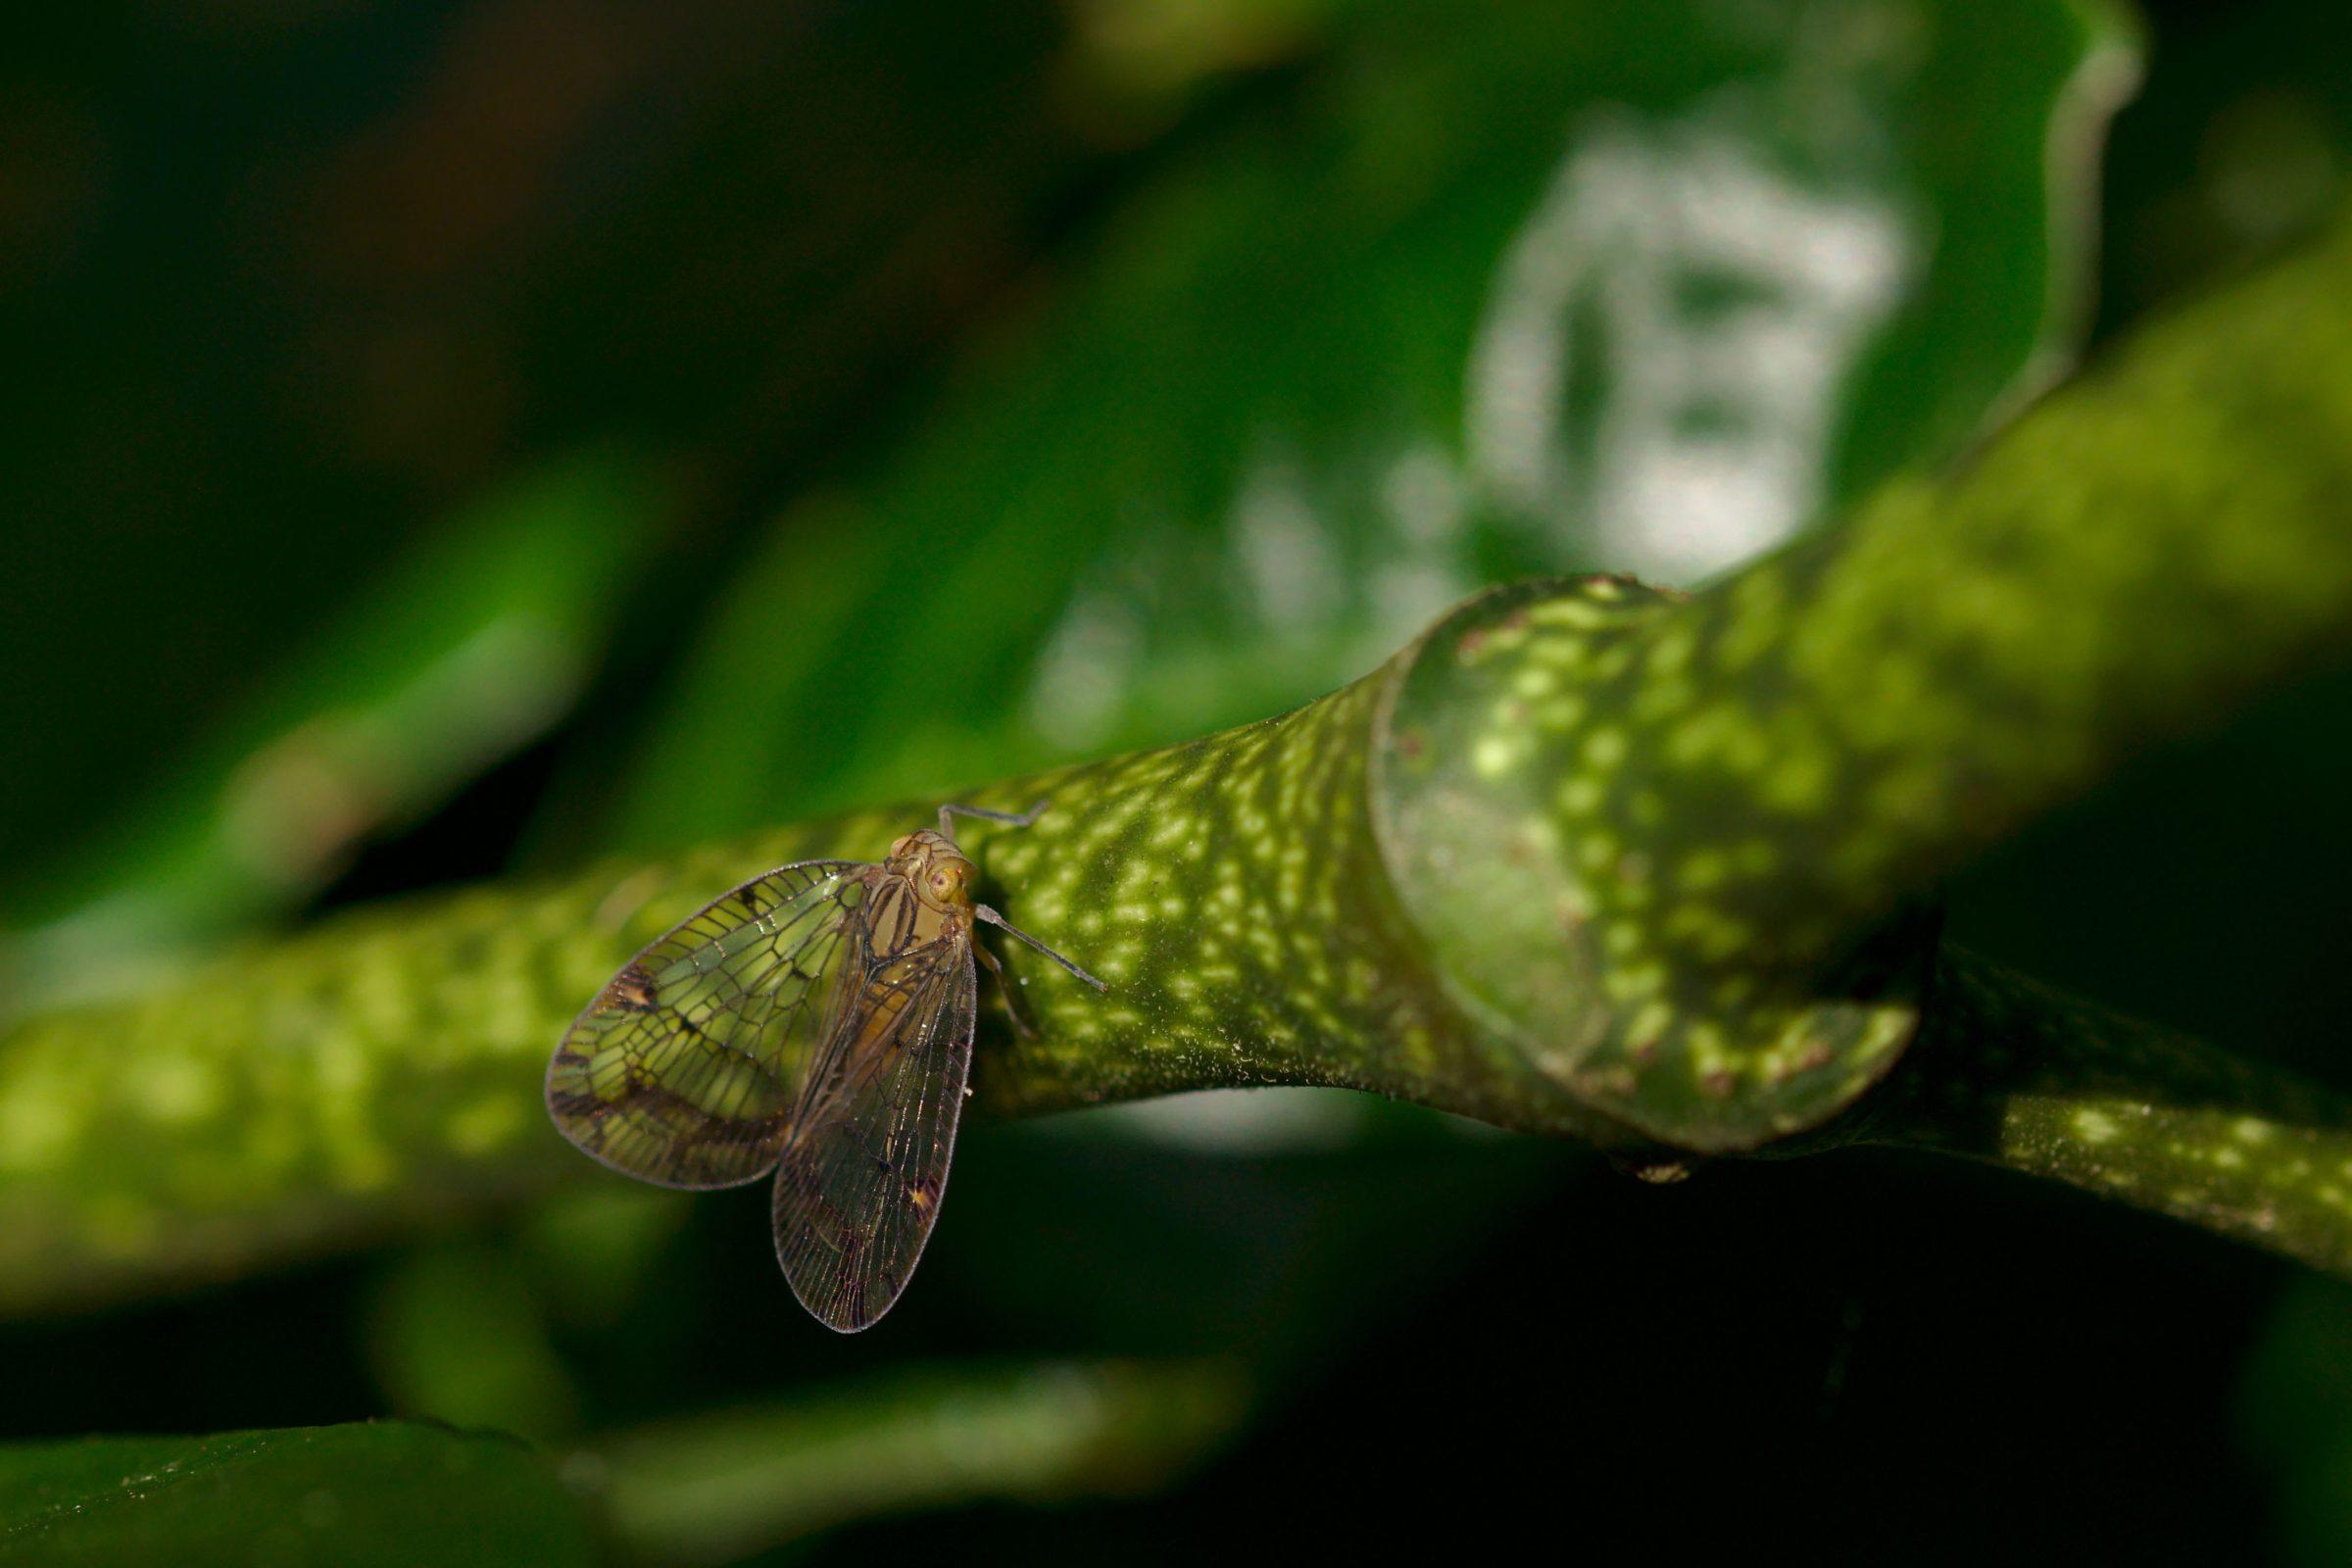 """<a href=""""/biolleyana-sp"""" target=""""_blank"""" rel=""""noopener noreferrer""""><i>Biolleyana</i> sp. (Zikade)</a>"""